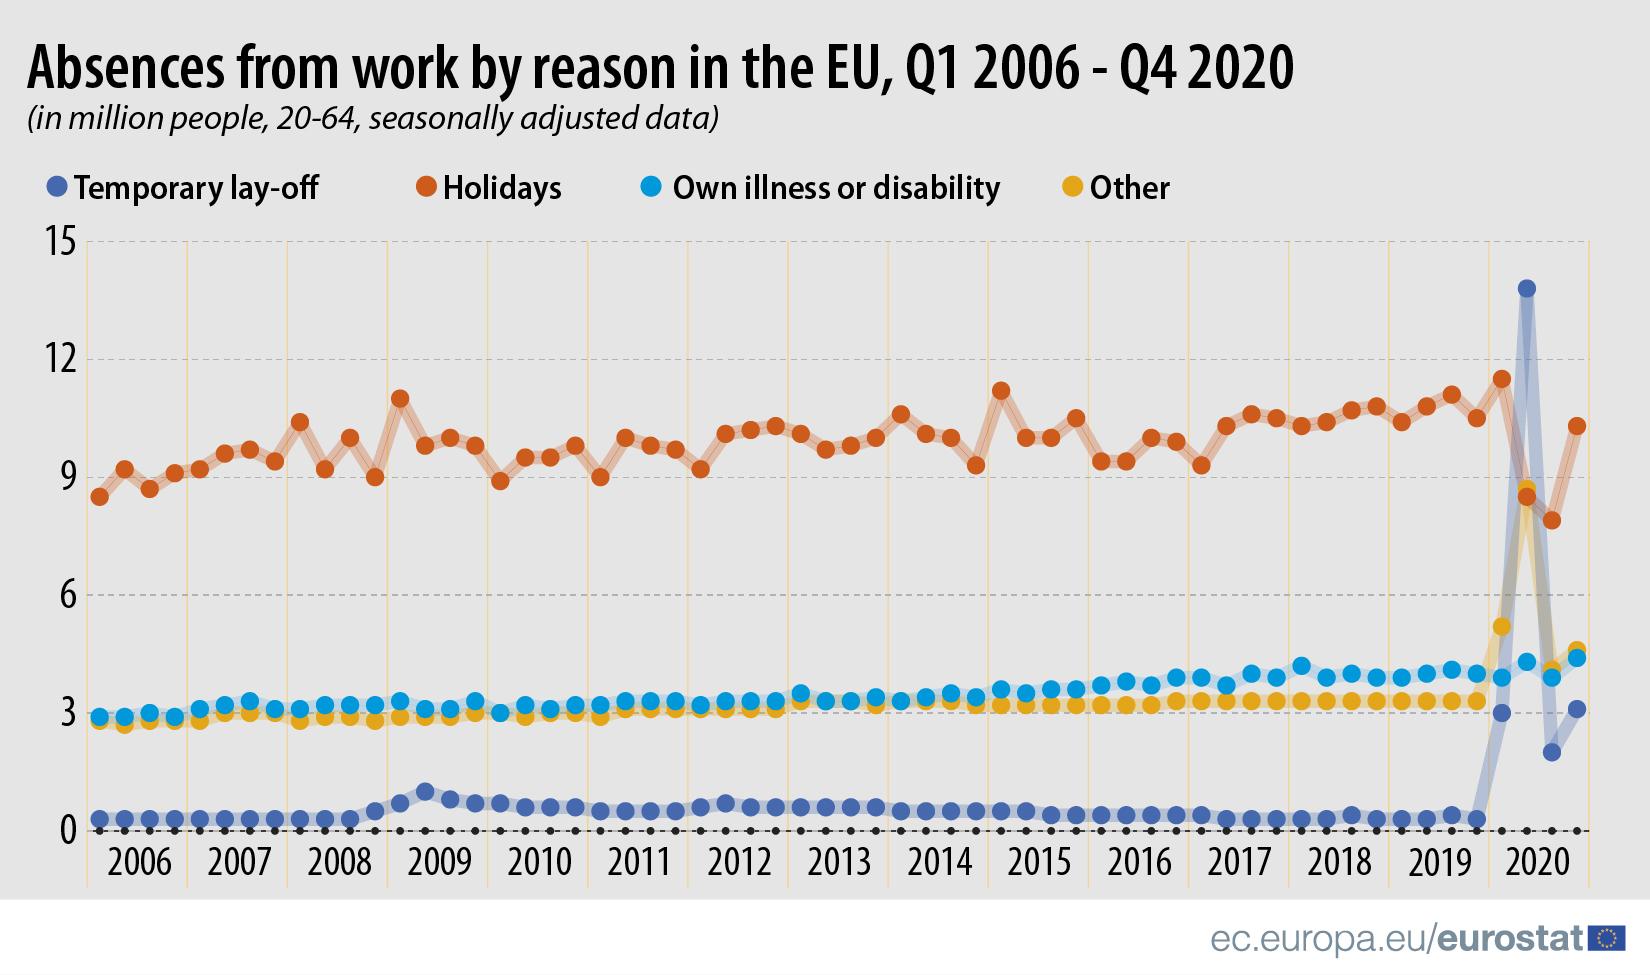 Privremena otpuštanja sa posla u EU dostigla rekord u 2020. godini 3